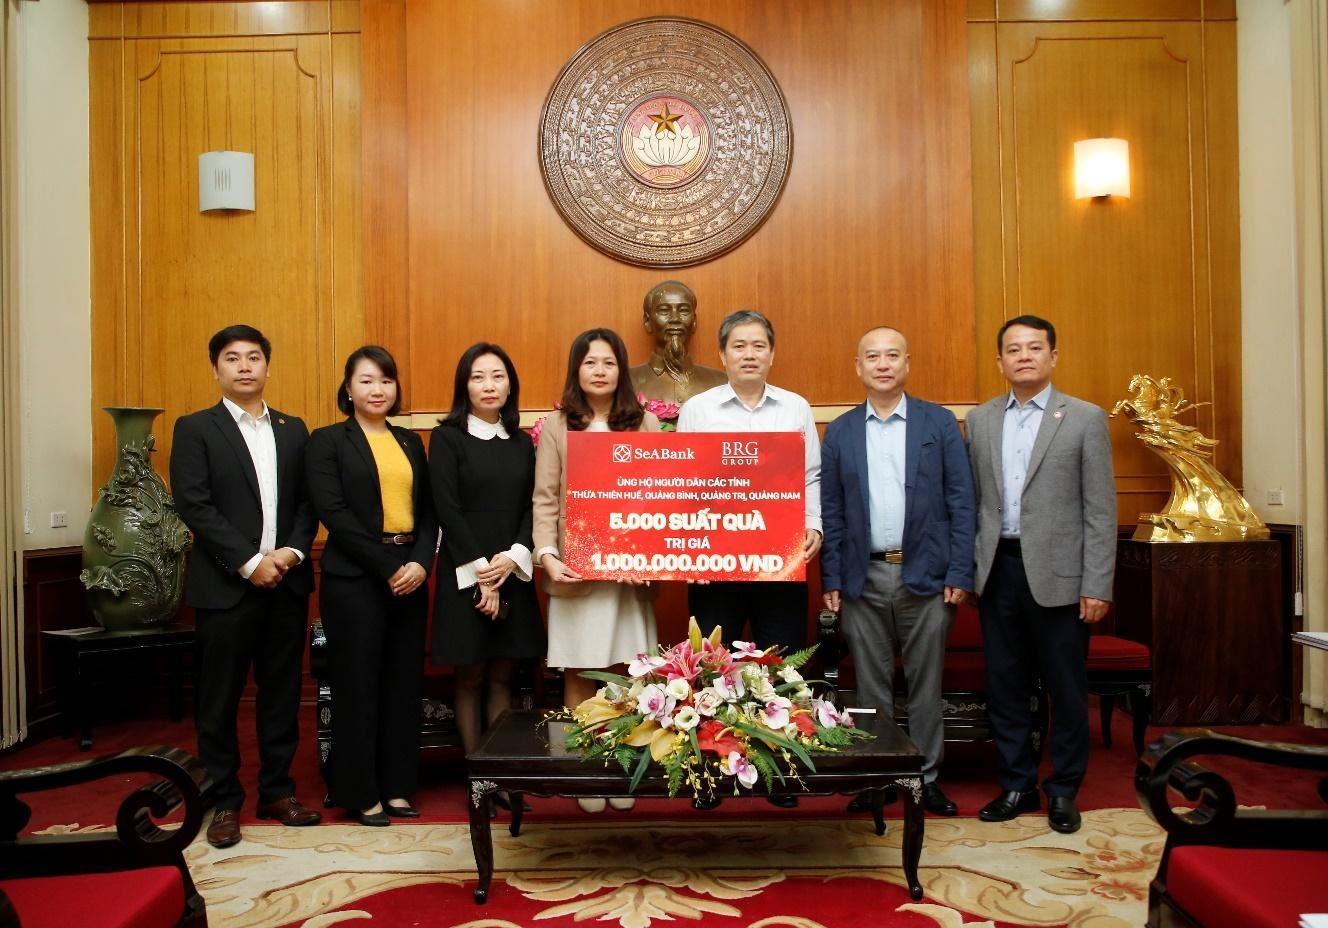 Tập đoàn BRG và Ngân hàng SeABank trao 2 tỷ đồng ủng hộ miền Trung